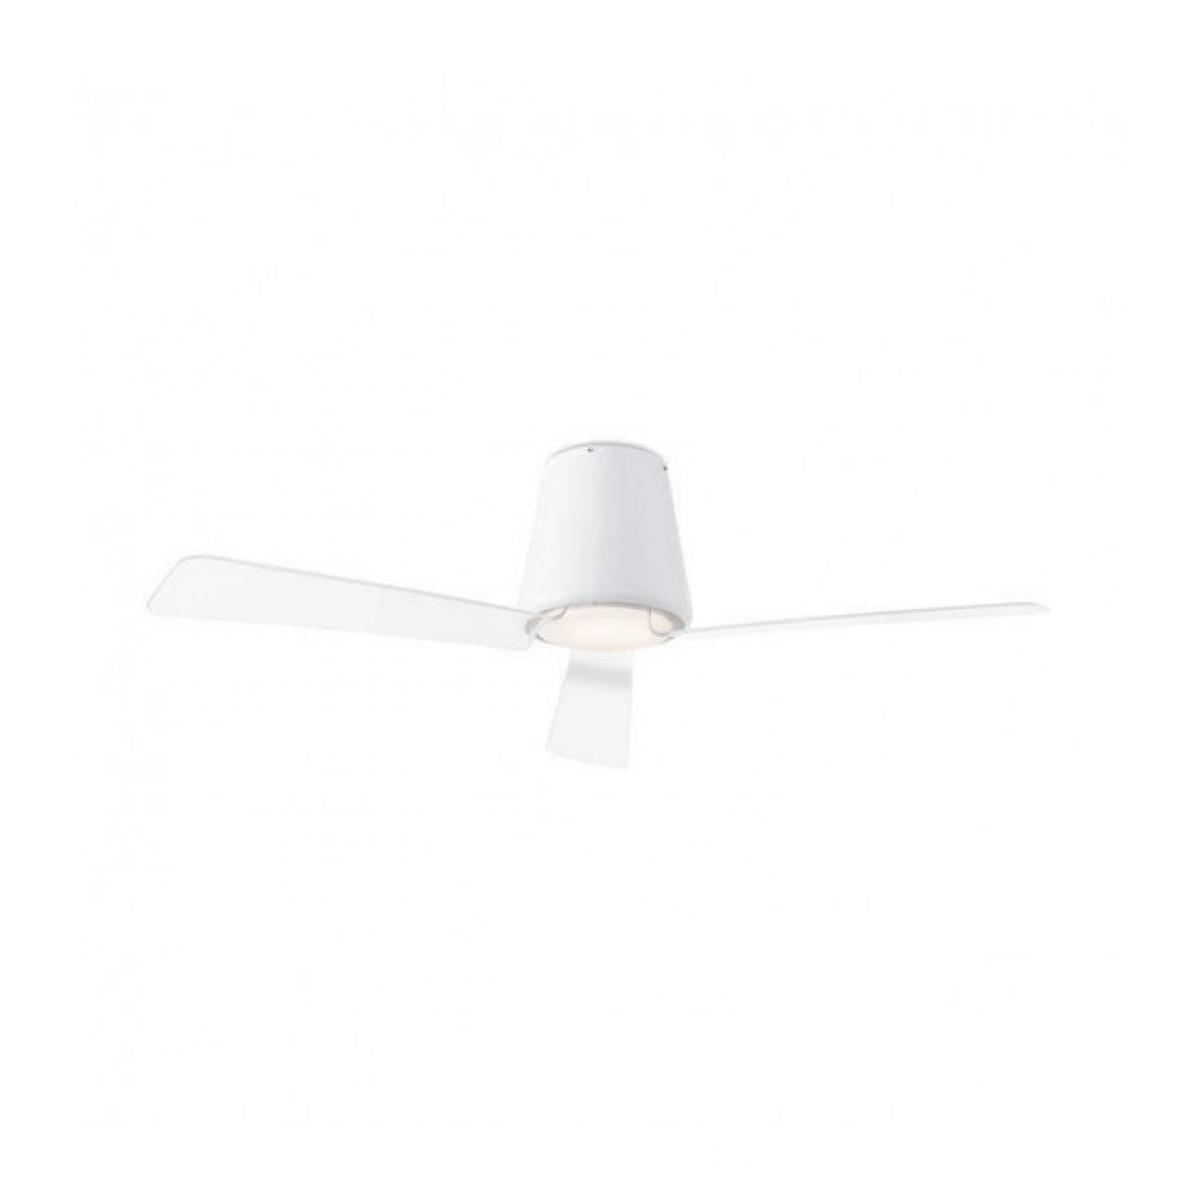 Leds C4 Plafonnier-ventilateur Garbi, en acier, verre et acrylique, blanc